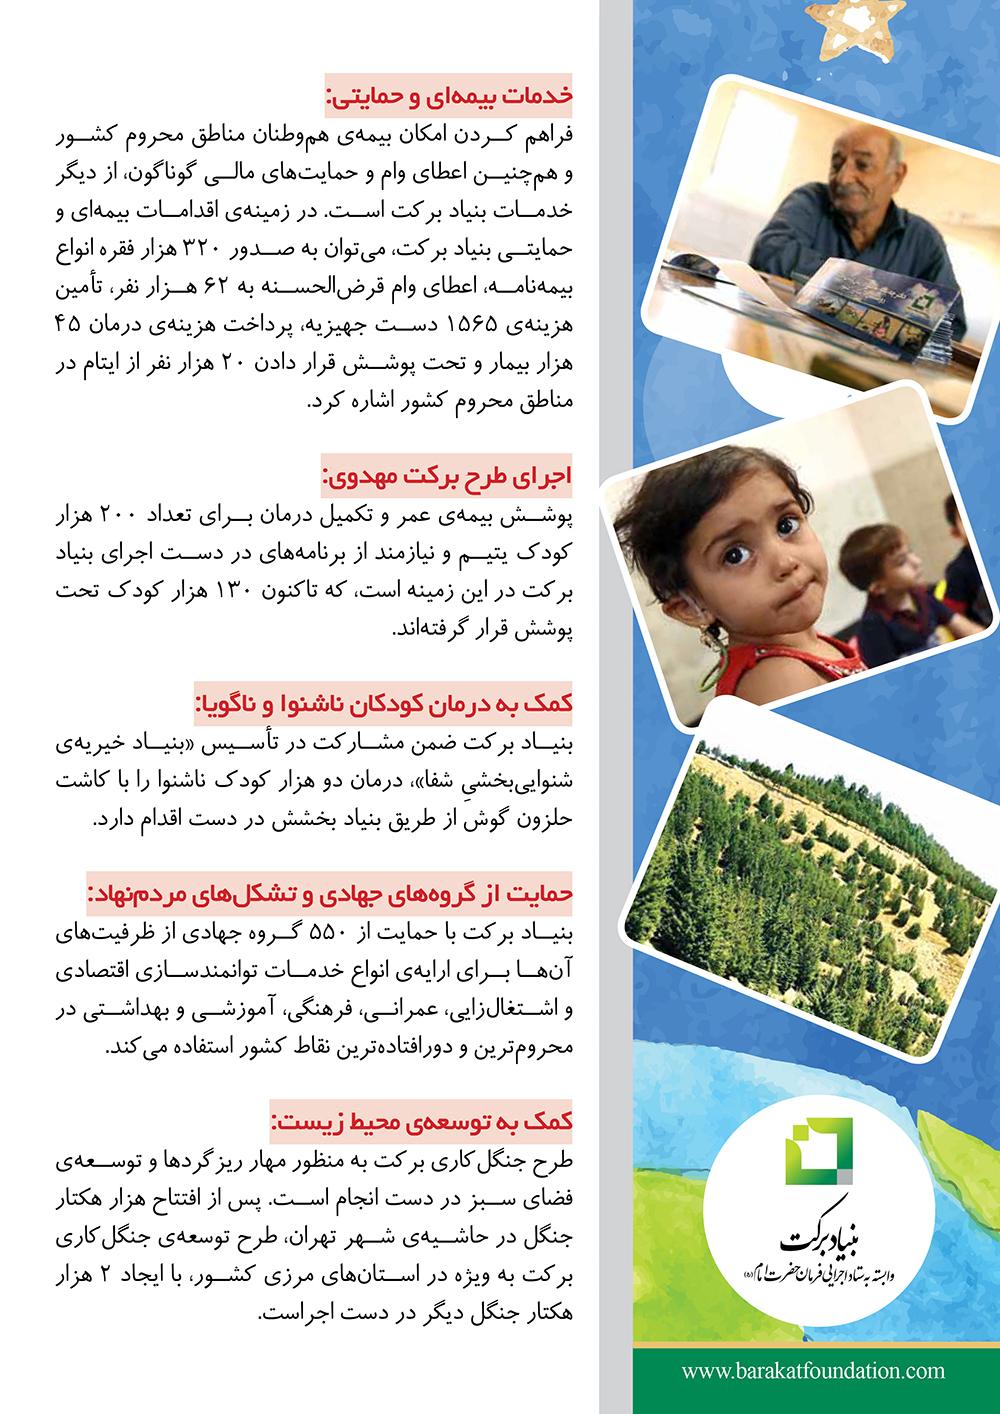 دهمین سالگرد تأسیس بنیاد برکت گرامی باد